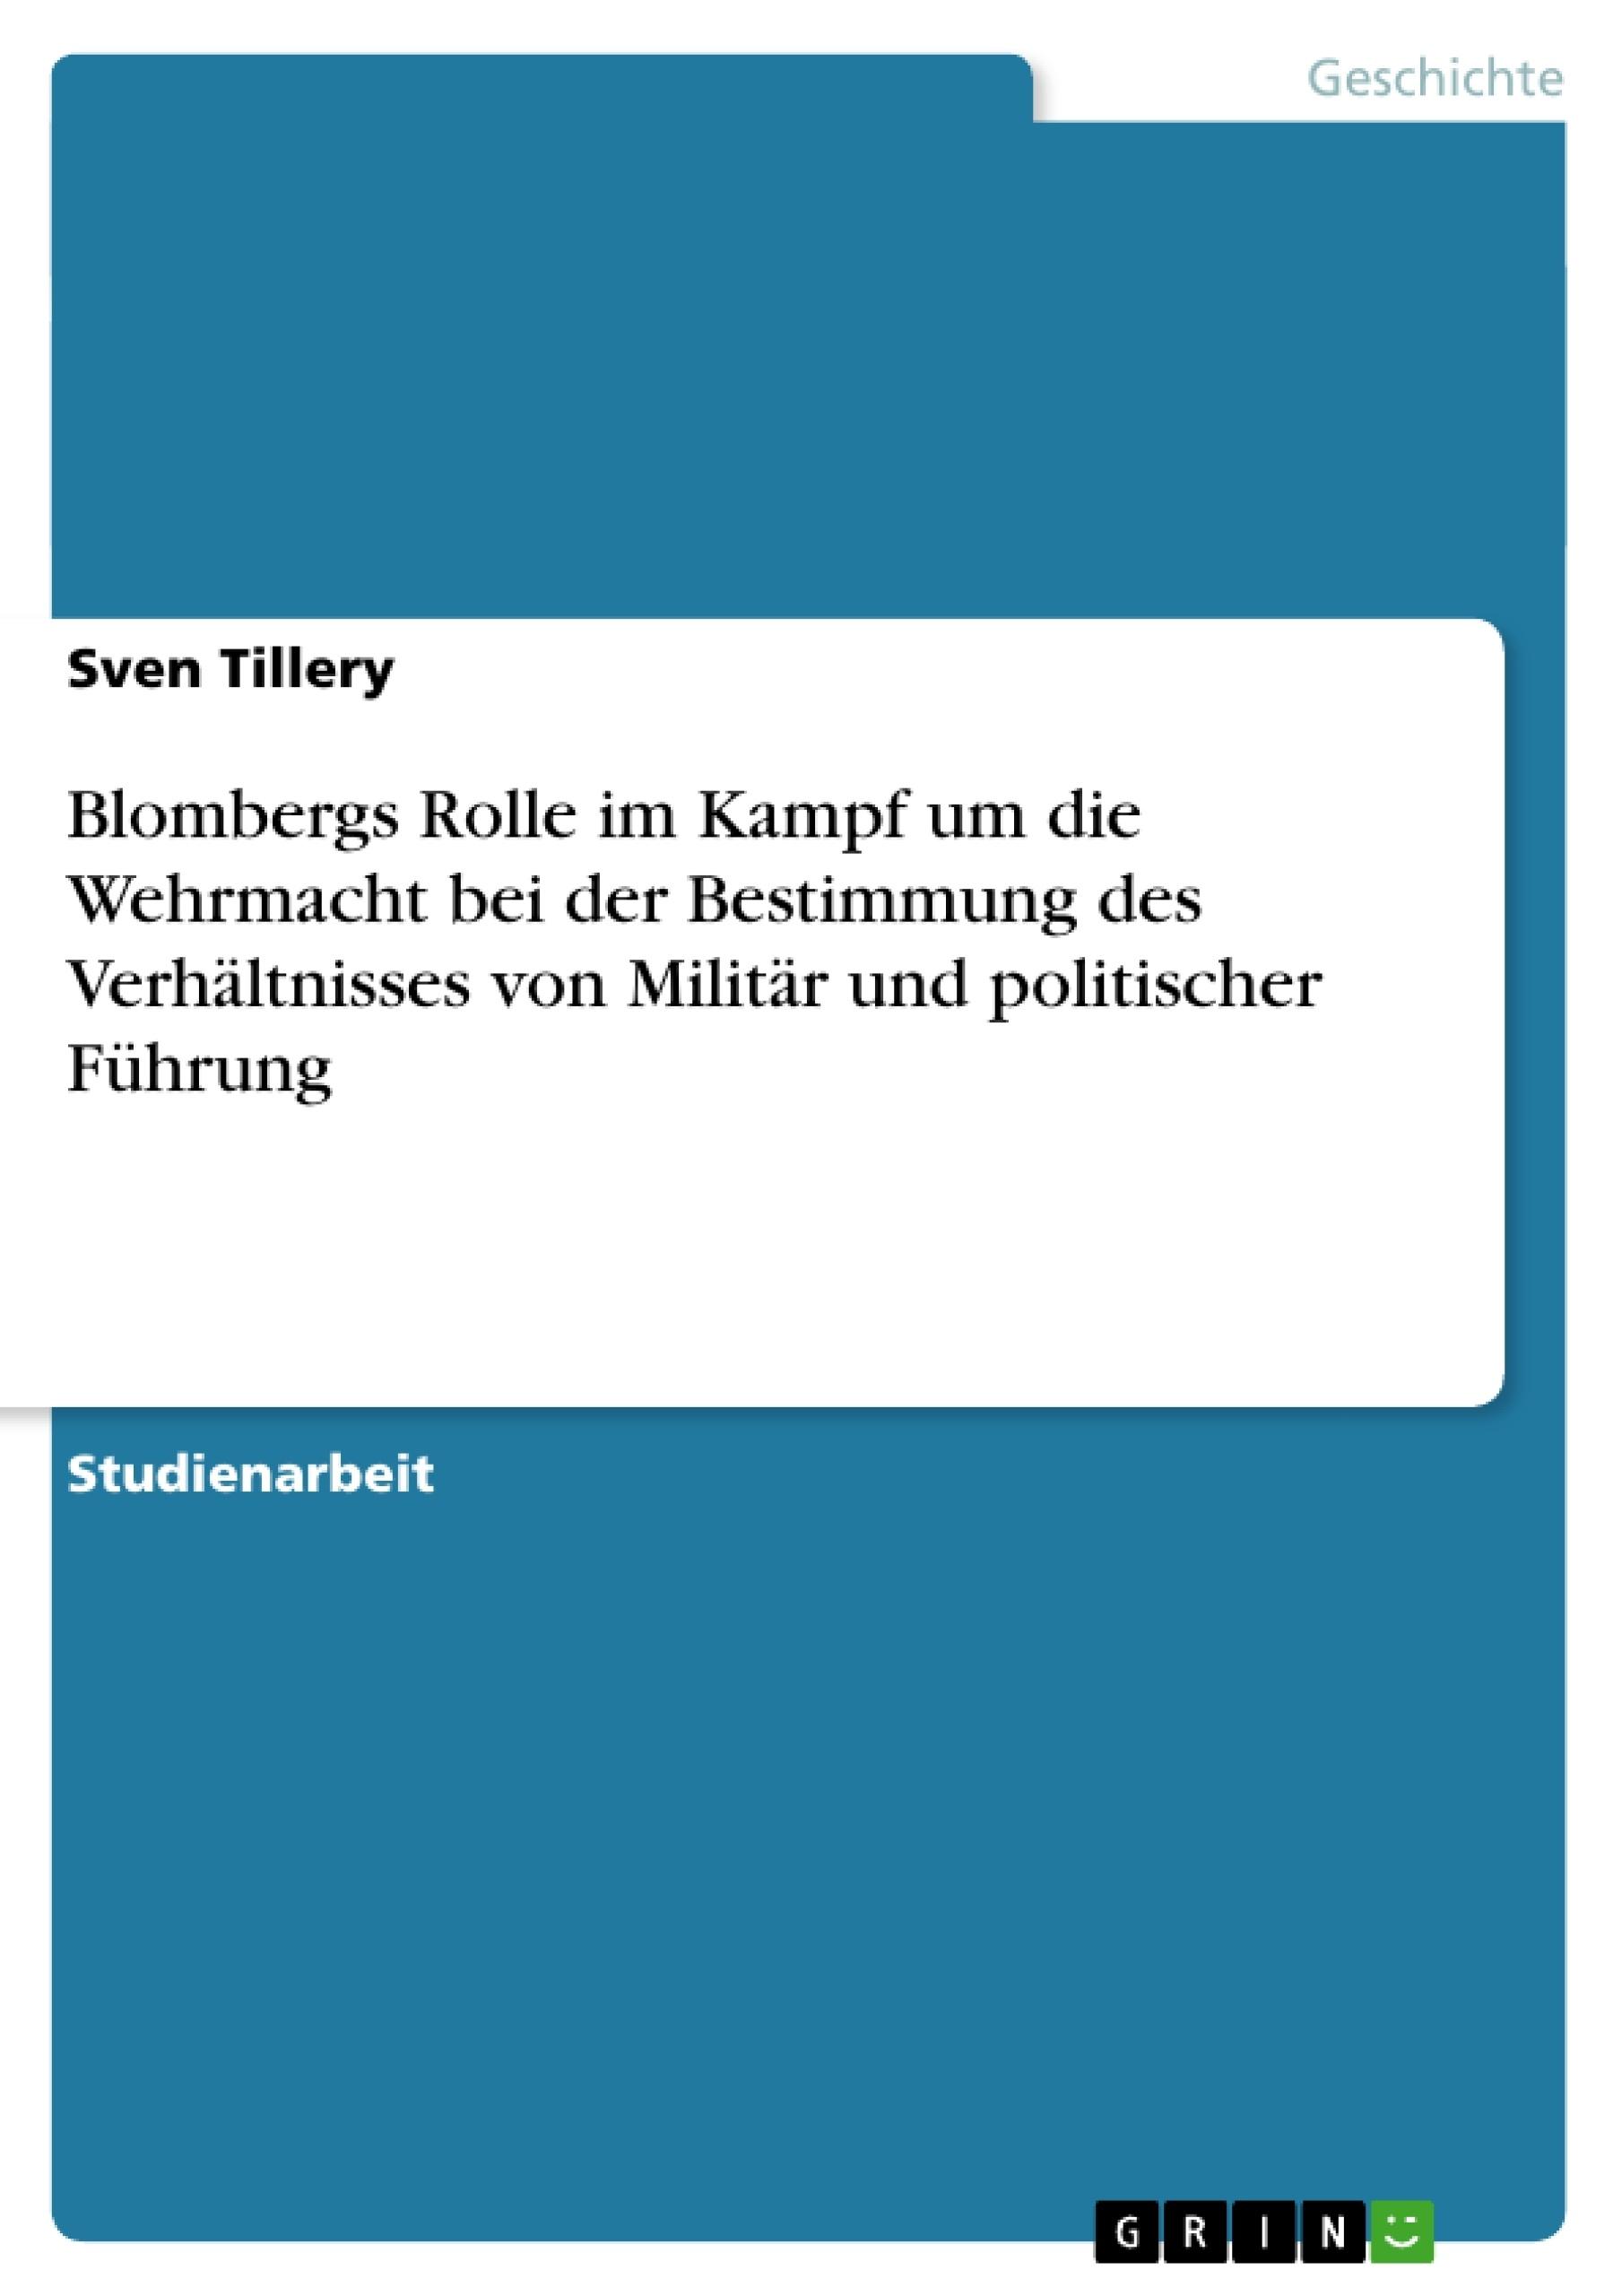 Titel: Blombergs Rolle im Kampf um die Wehrmacht bei der Bestimmung des Verhältnisses von Militär und politischer Führung